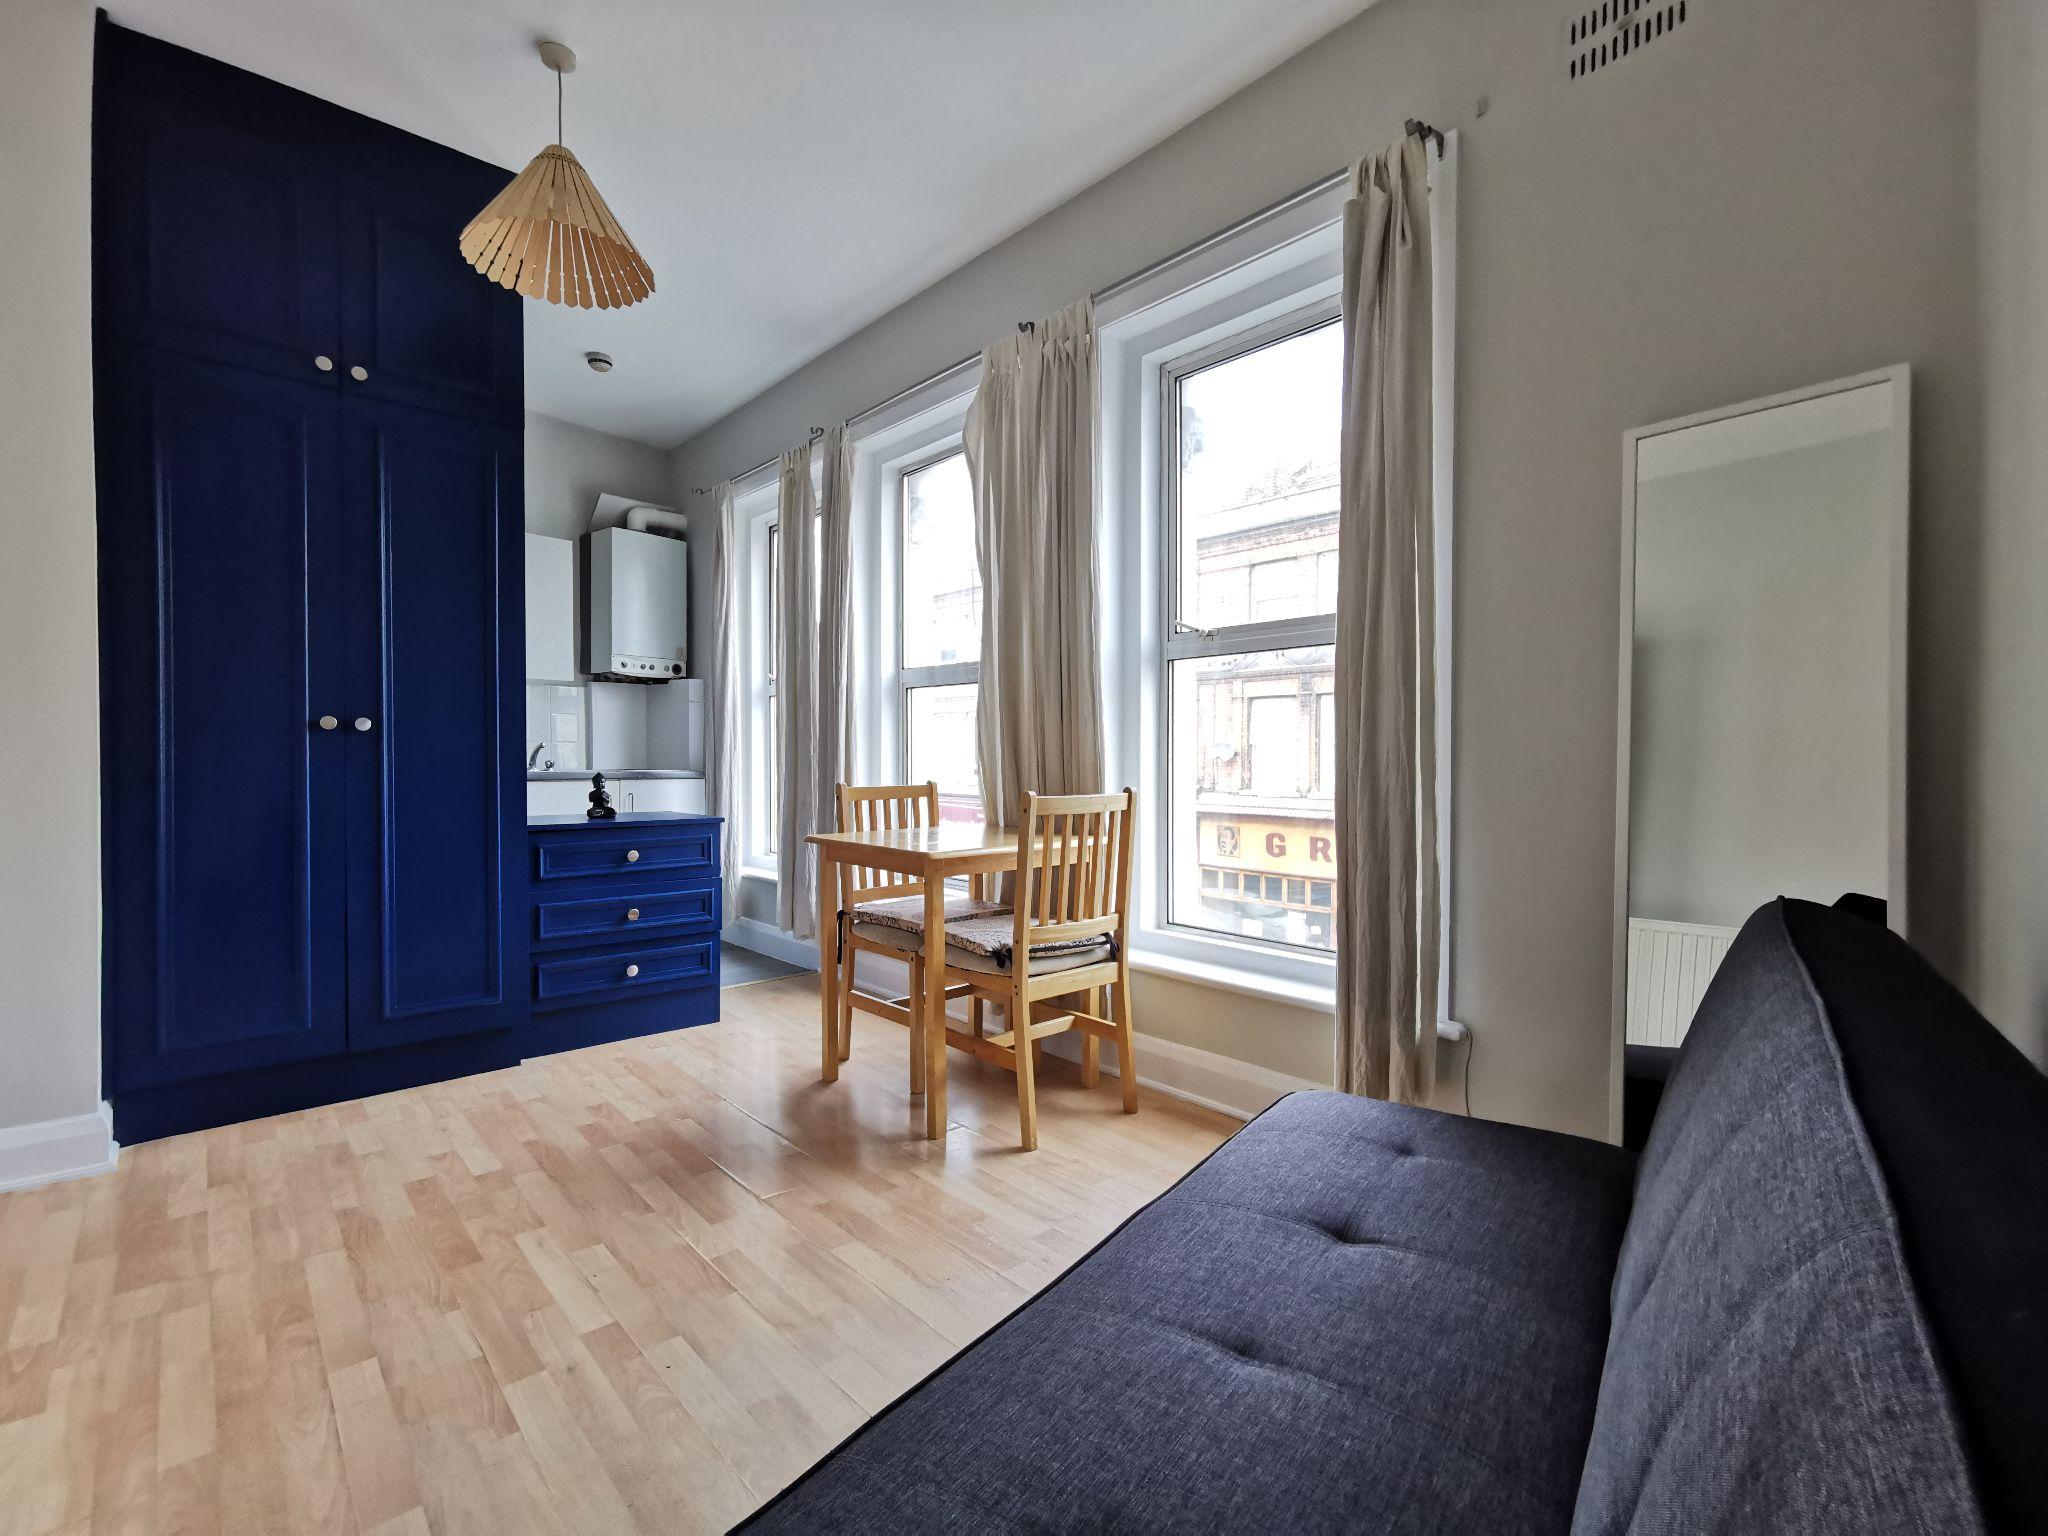 1 bedroom studio flat/apartment Let in Willesden - Photograph 1